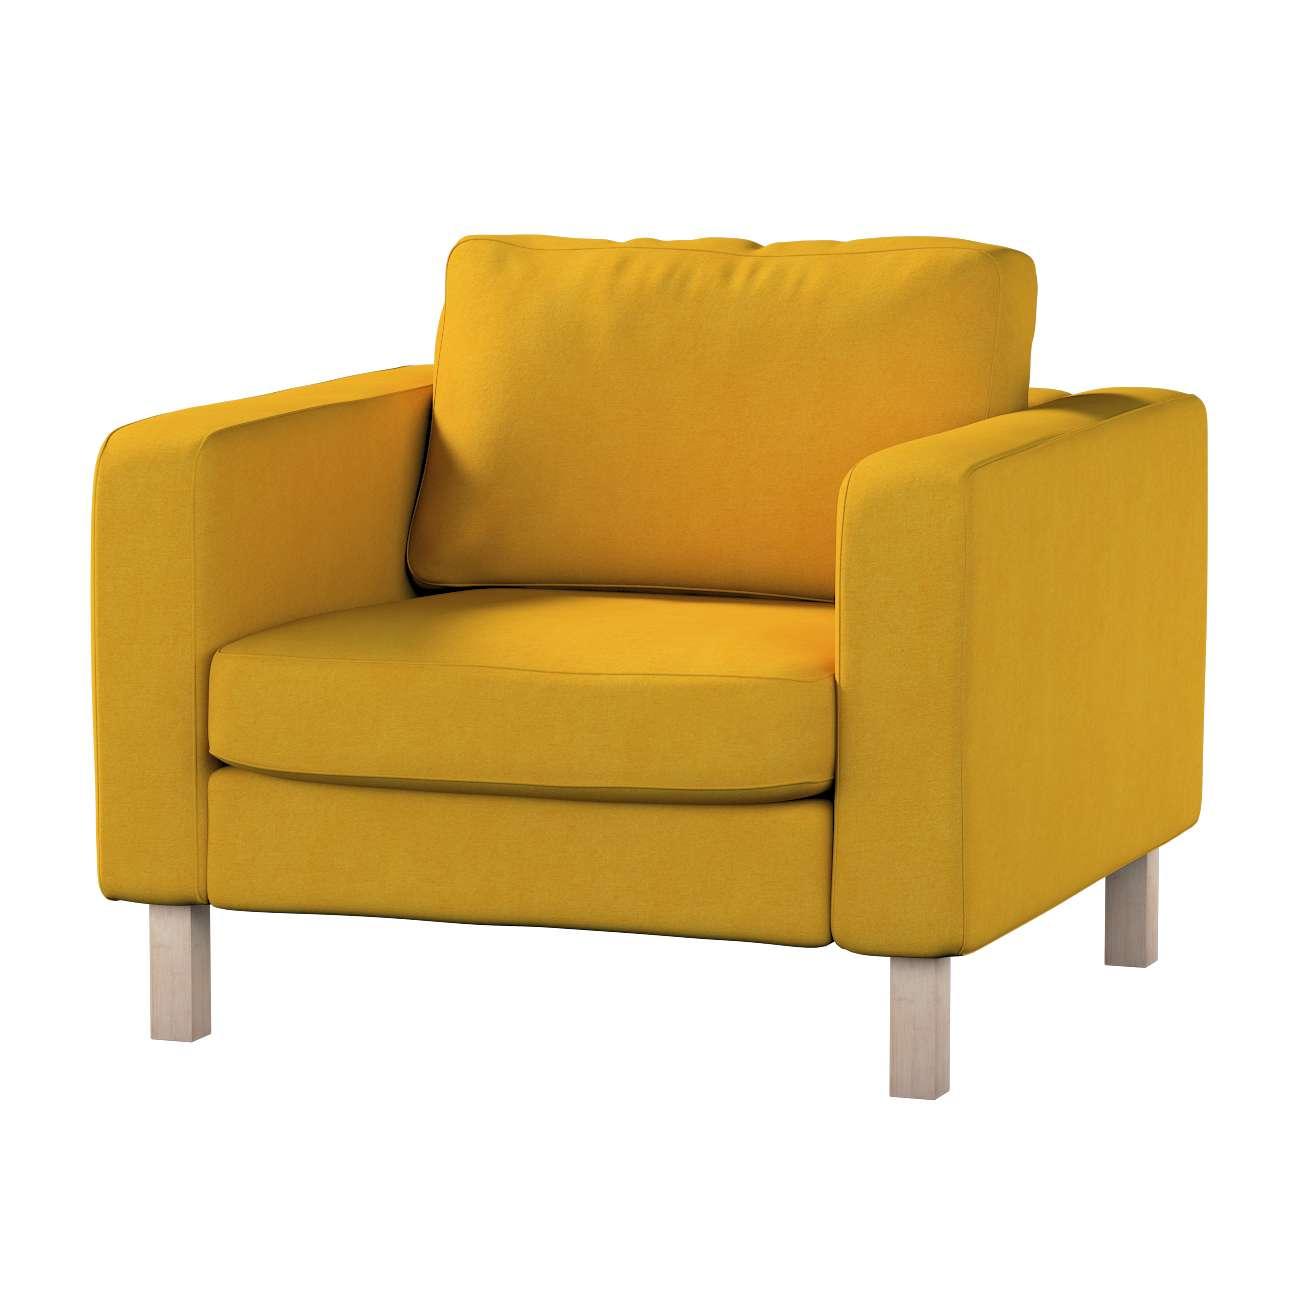 Karlstad fotelio užvalkalas Karlstad fotelio užvalkalas kolekcijoje Etna , audinys: 705-04